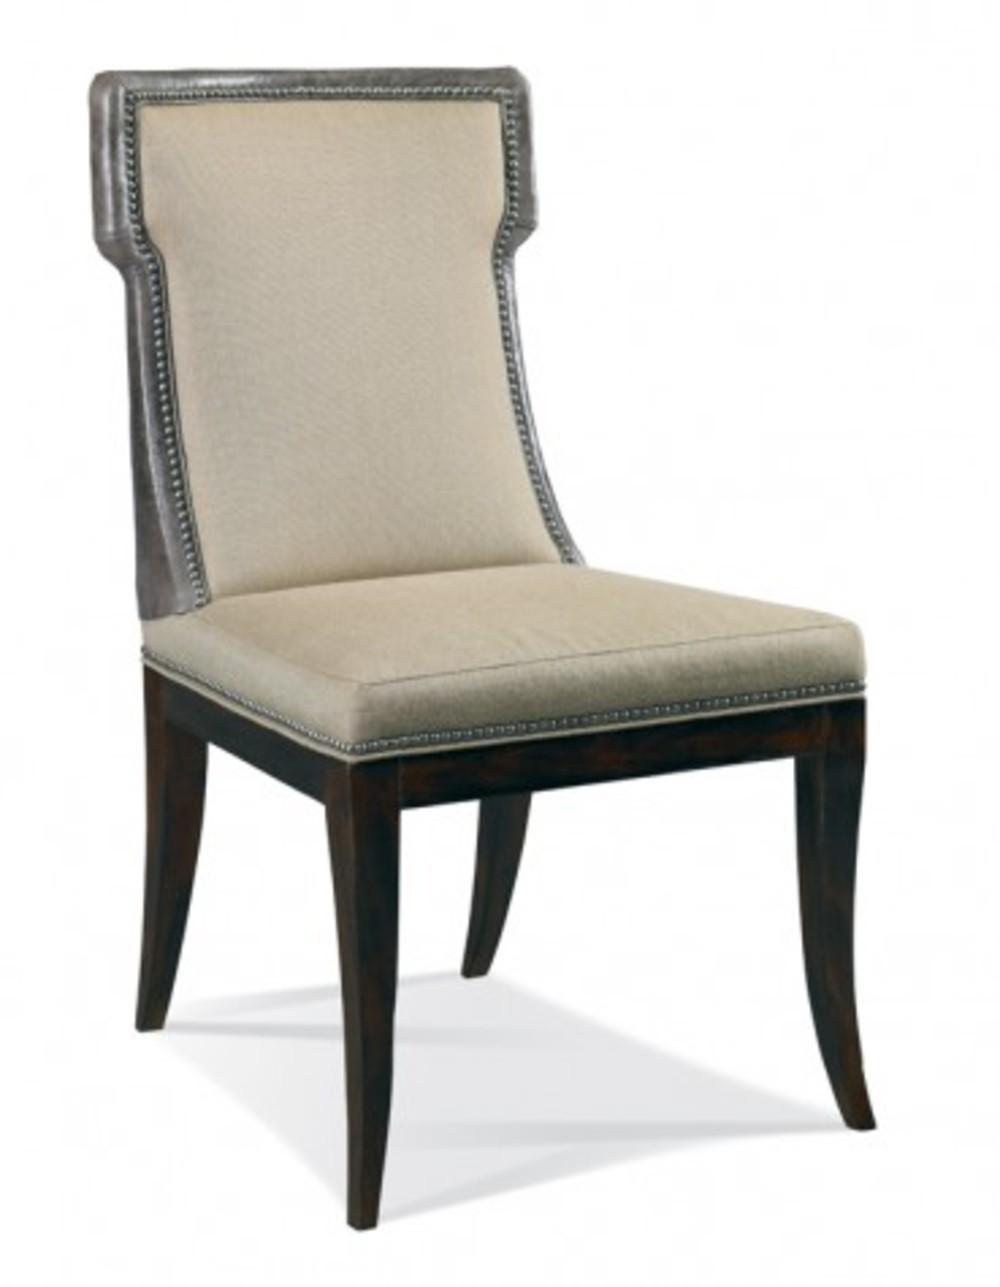 Hickory White - Kistler Klismos Side Chair